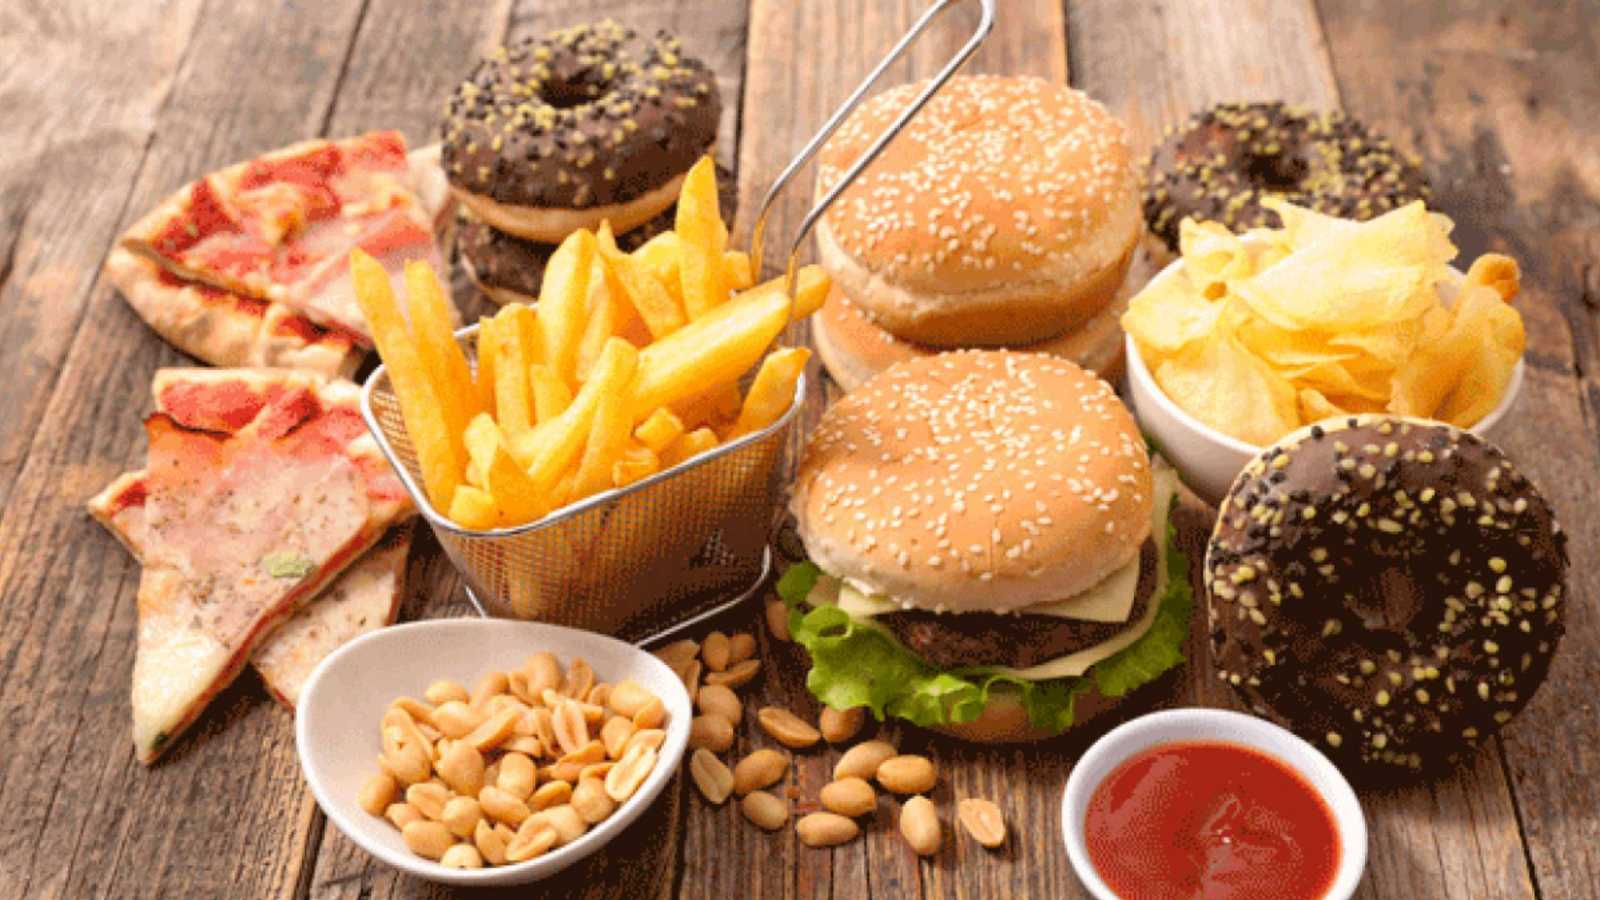 Alimento y salud - Obesogénico y guisantes - 15/11/20 - Escuchar ahora